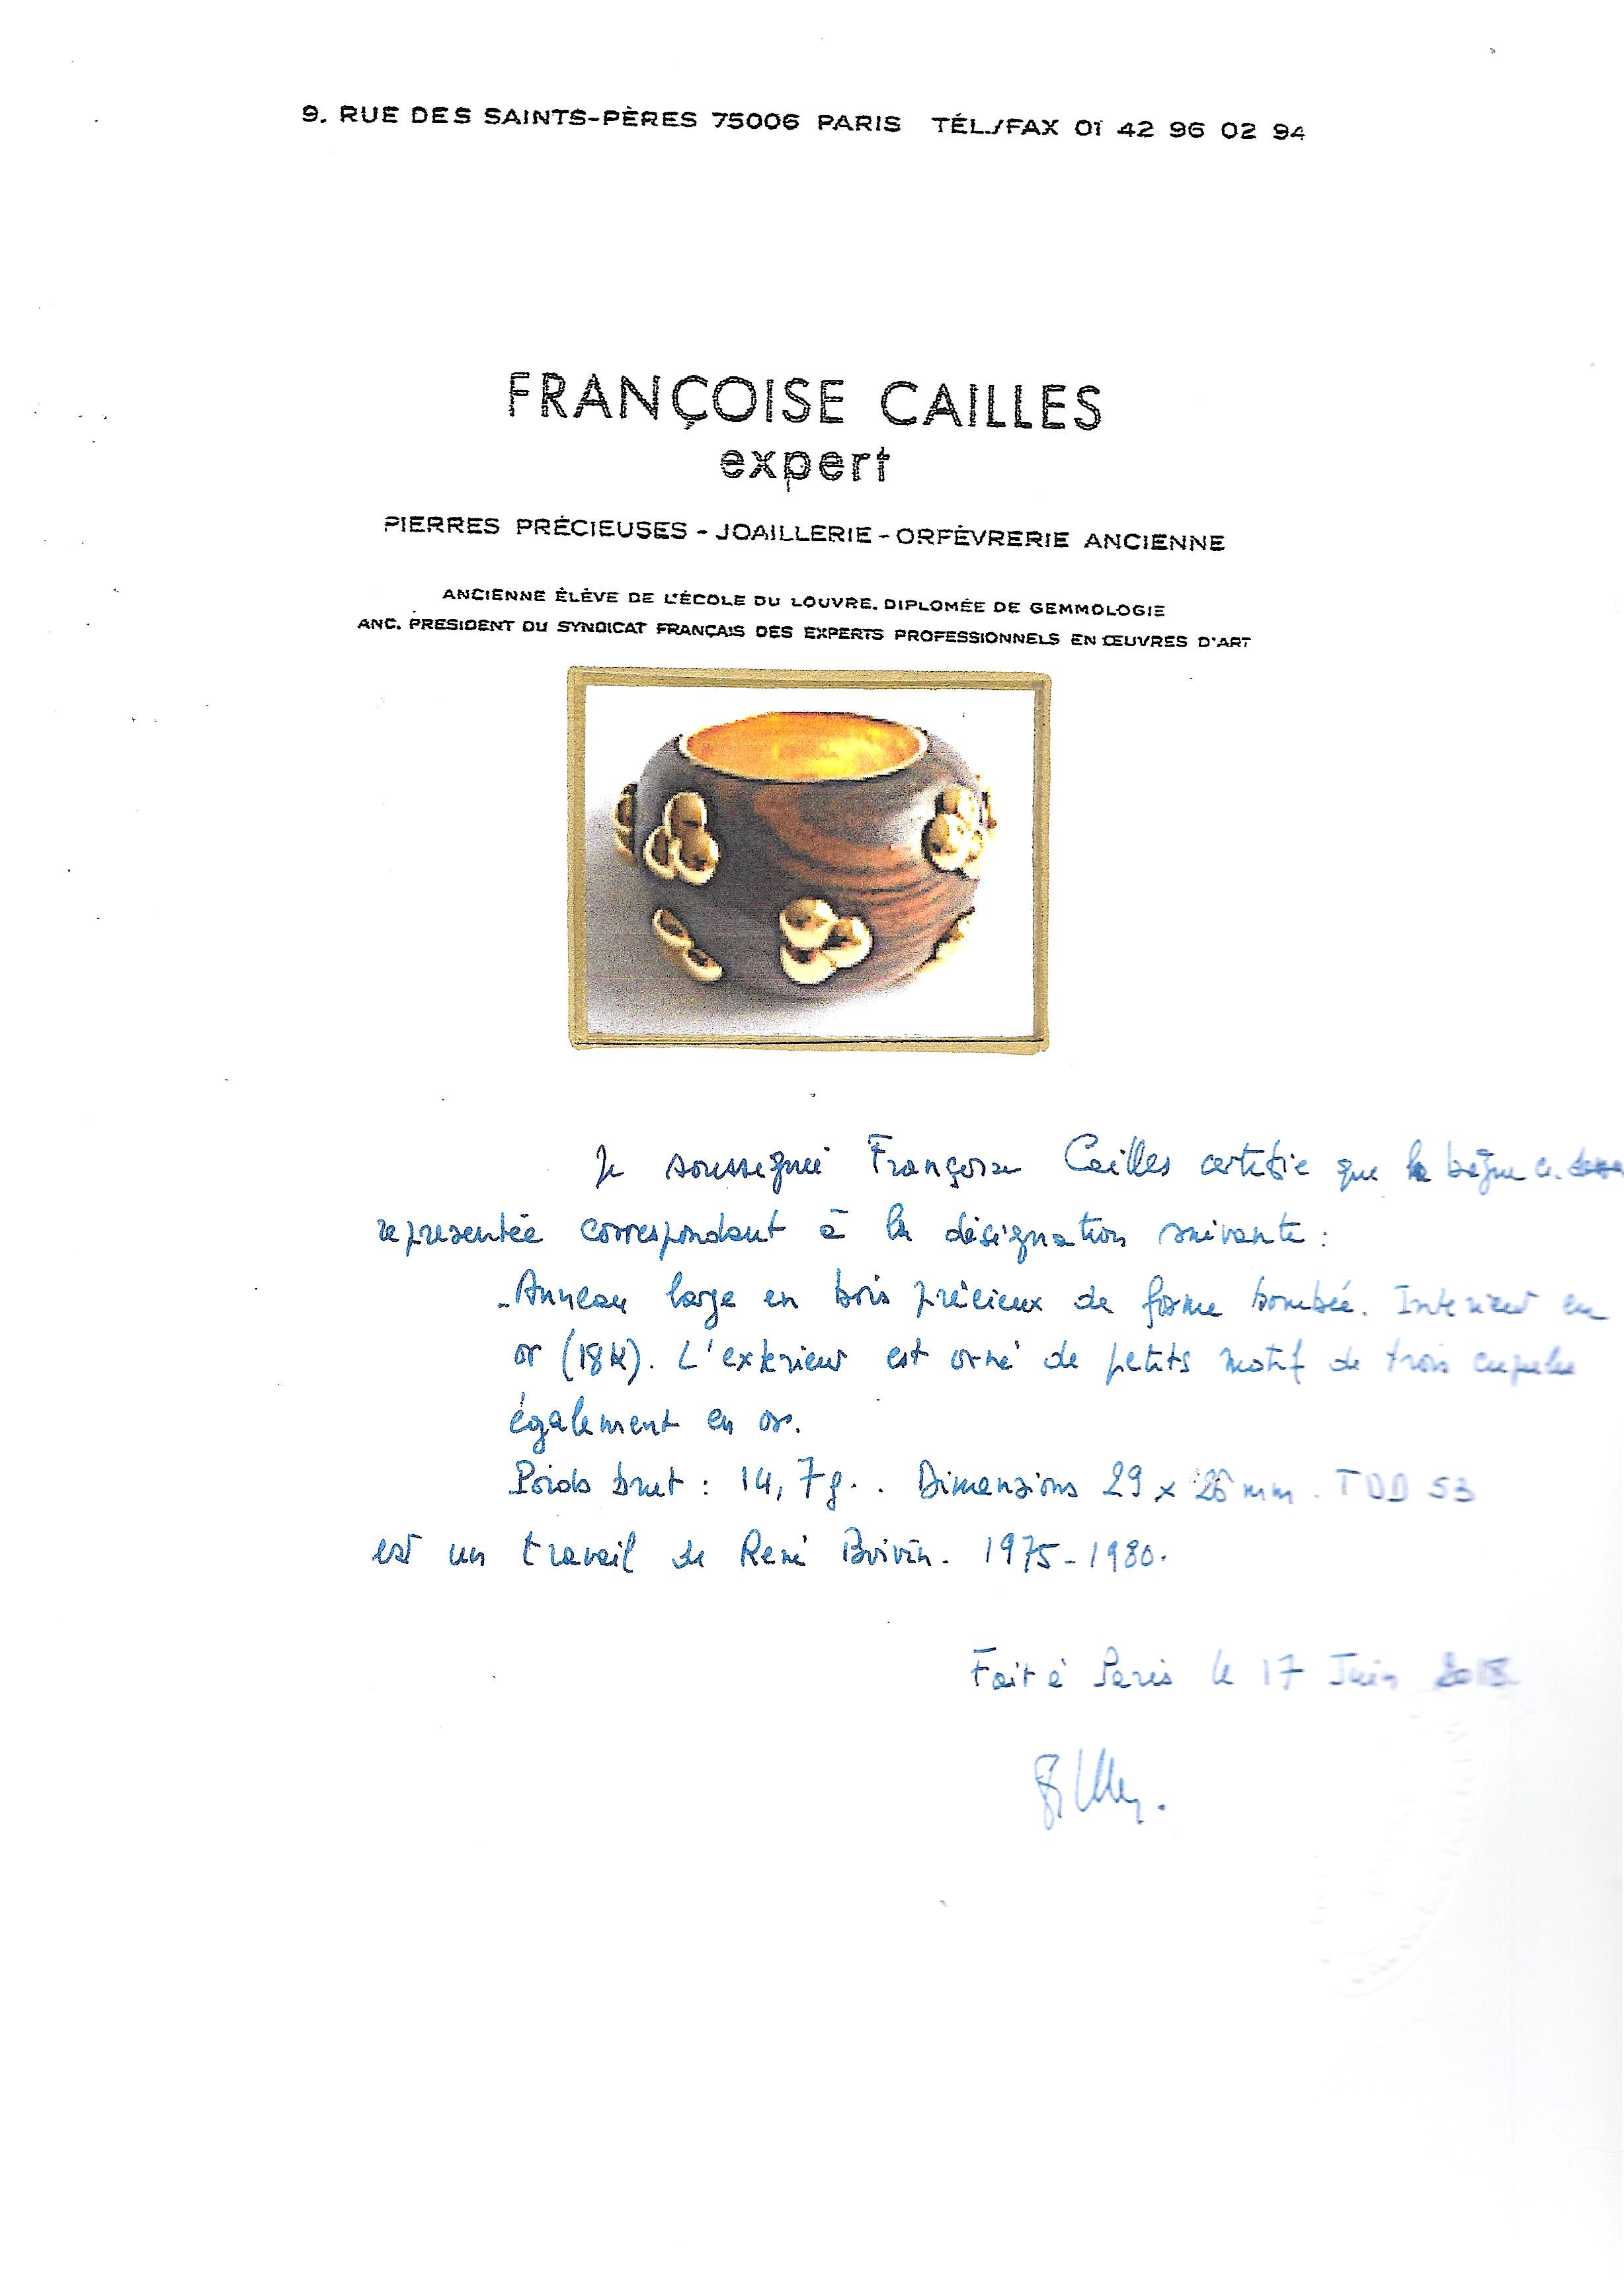 Bague Boivin (certificat F. Cailles)-3